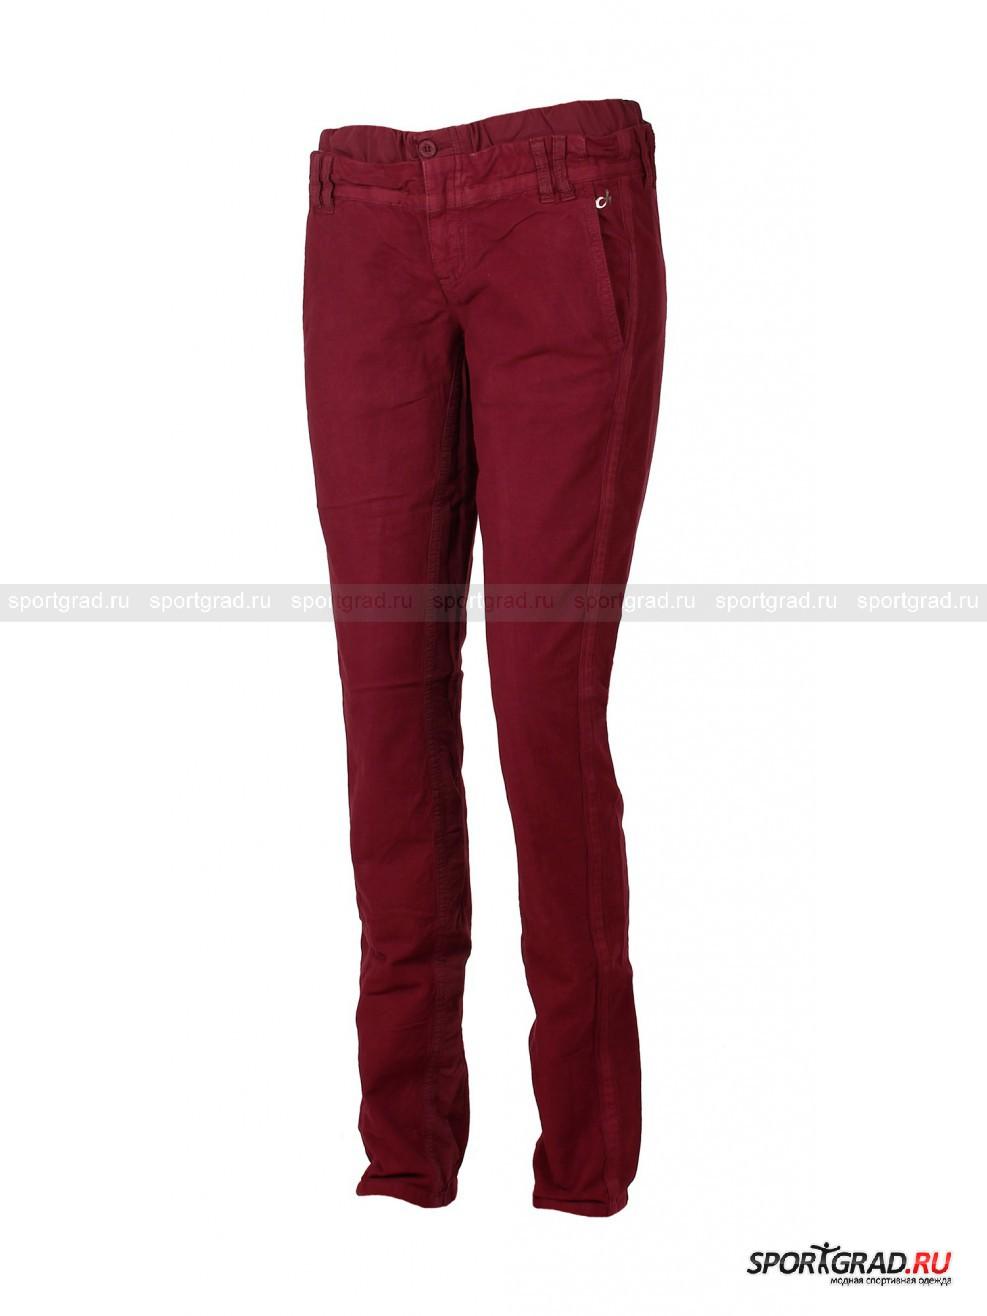 Брюки женские DEHAБрюки<br>Женские брюки DEHA - незаменимая вещь для модниц большого города, когда в приоритете не только модные и красивые, но еще и комфортные вещи. Брюки с заниженной линией талии имеют очень сложный и оригинальный крой. По линии талии проходит вставка из хлопка. Имеется два лаконичных боковых кармана, сзади брюки украшены двумя накладными карманами, которые застегиваются на металлические молнии. Над левым боковым карманом нанесено серебристое напыление в виде логотипа марки. Брючины слегка занижены к низу. С внутренней стороны брючины сделана вставка из чистого хлопка, по внешней стороне проходит тесьма в тон.<br><br>Пол: Женский<br>Возраст: Взрослый<br>Тип: Брюки<br>Состав: Основная ткань 98 % хлопок, 2% эластан; вставки 100 % хлопок.